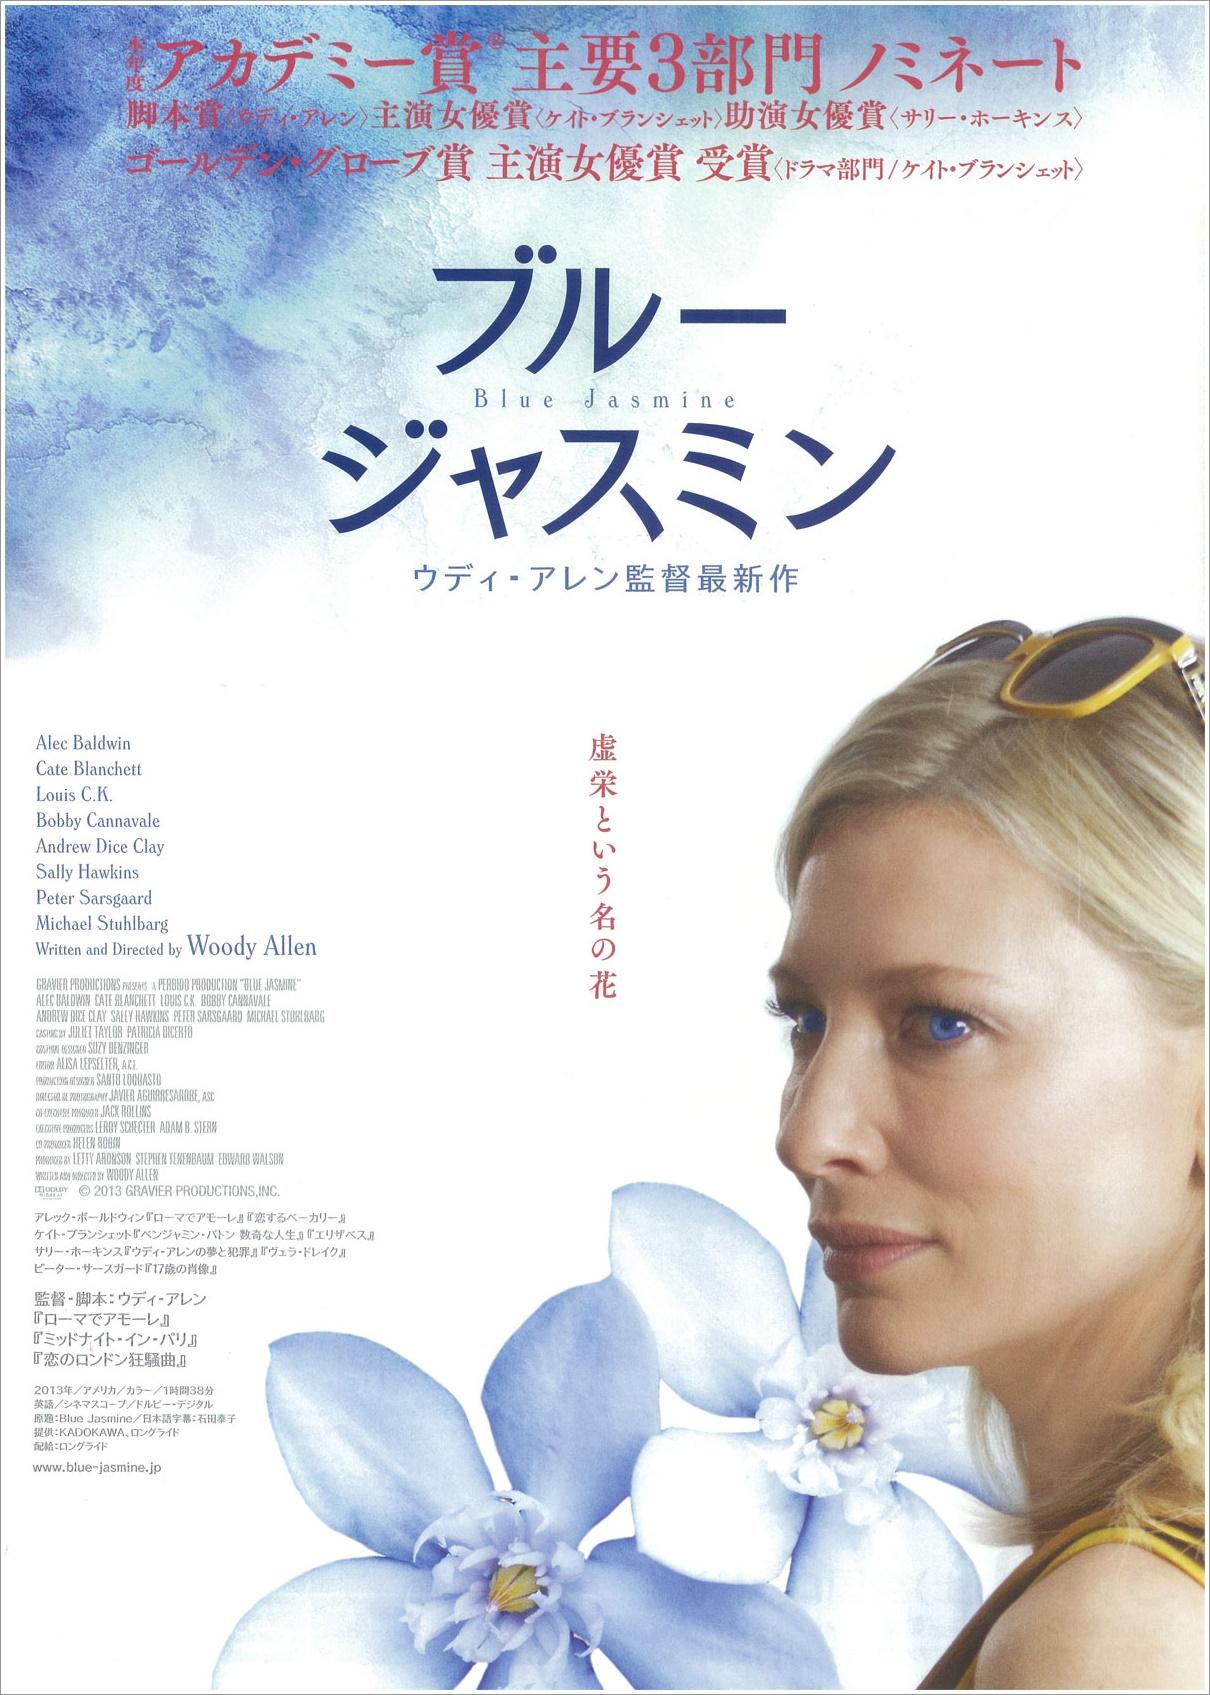 映画「ブルージャスミン」のあらすじ、感想、ネタバレ、結末